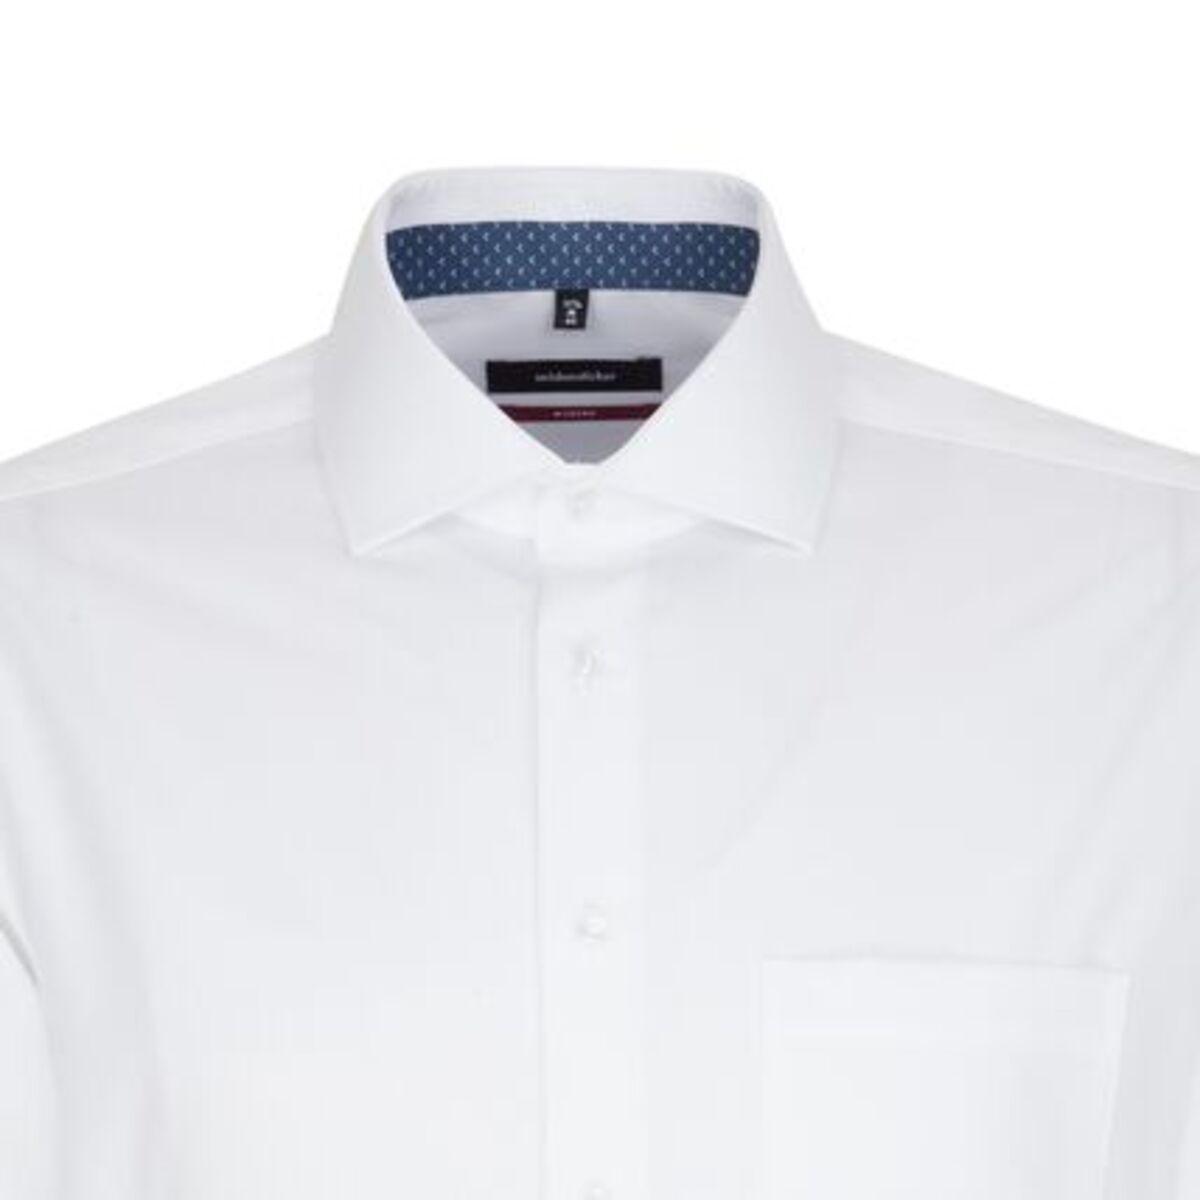 Bild 2 von Seidensticker Business Hemd Modern Langarm Kentkragen Streifen, Weiß, weiß, 46, 46